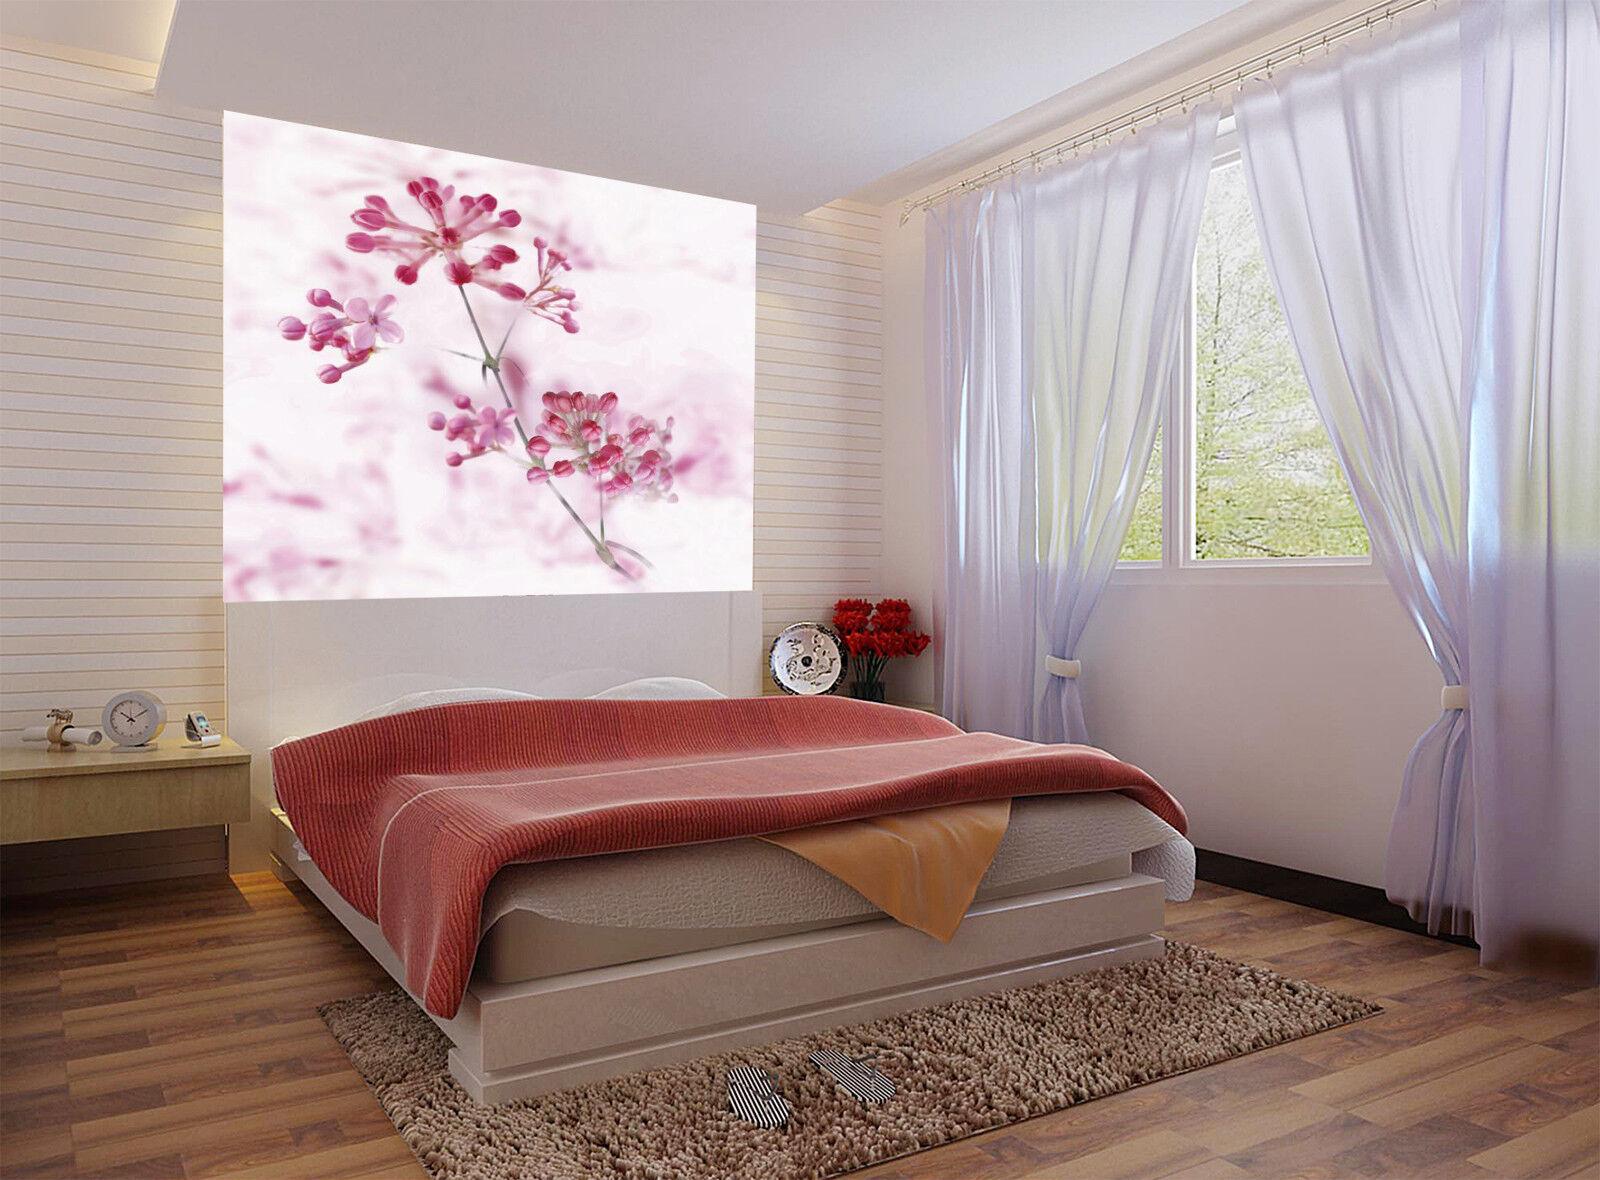 3D Rote Blaumen Natur 794 Tapete Wandgemälde Tapeten Bild Familie DE Lemon  | Qualität und Verbraucher an erster Stelle  | Günstige Preise  | Deutschland Shop